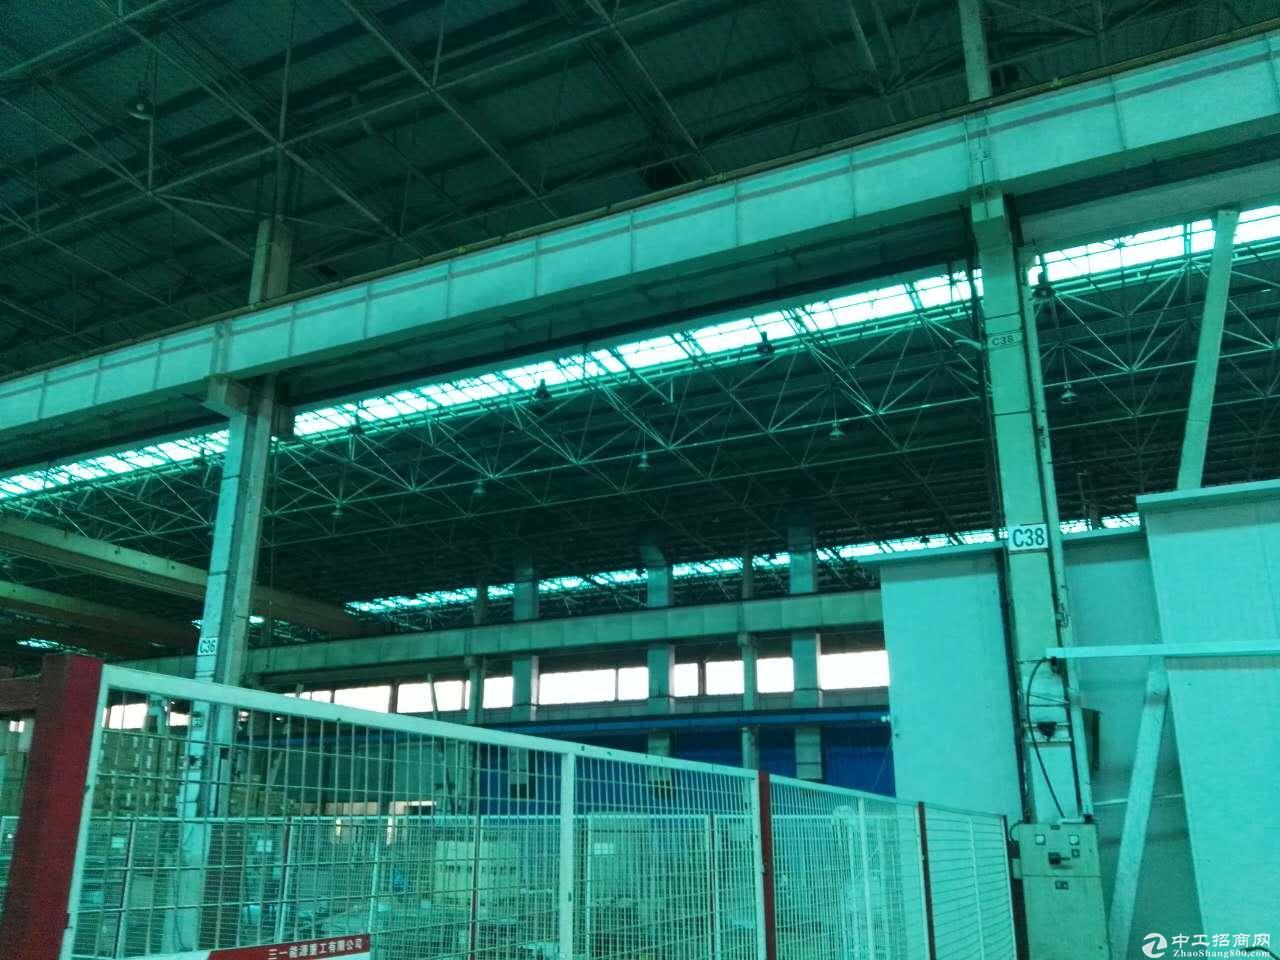 川沙独栋厂房出租高15米 机械加共生铲环评 仓储物流行业-图4